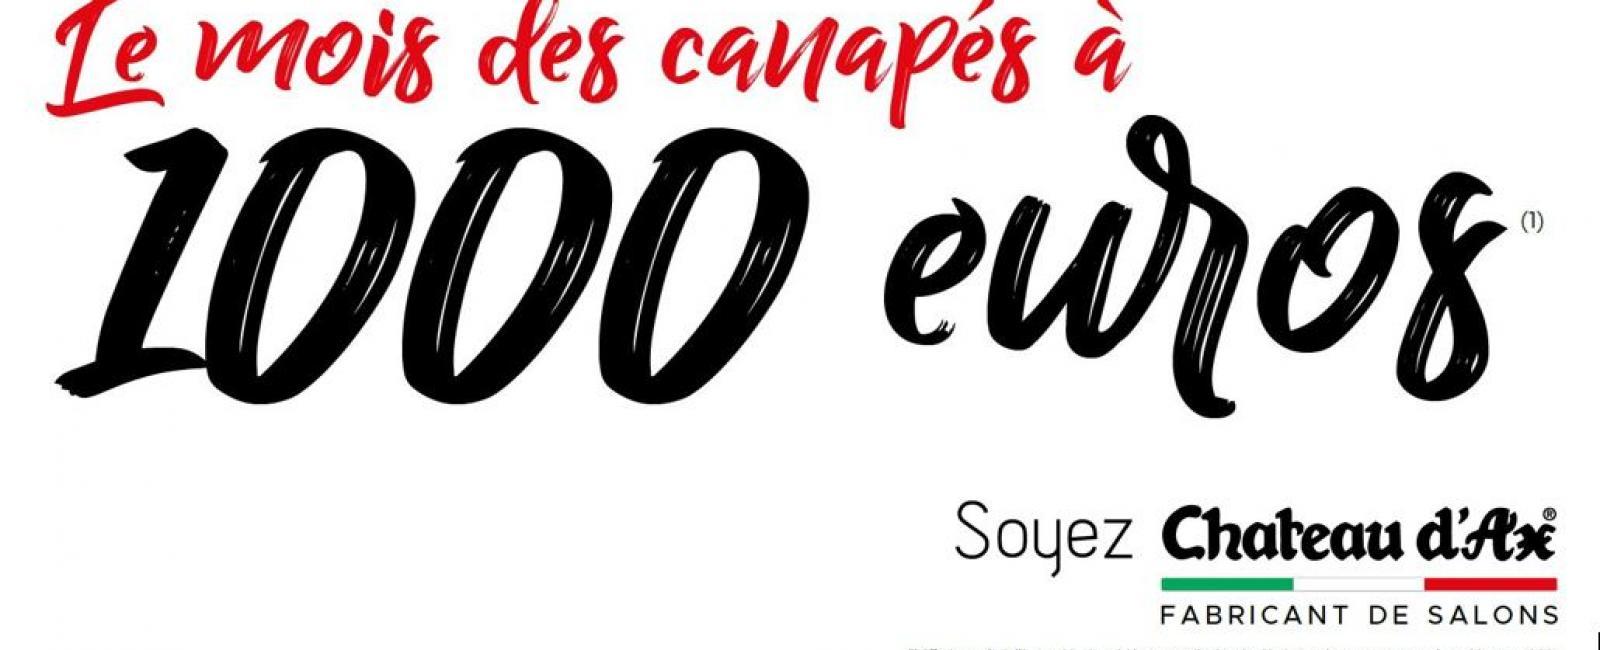 LE MOIS DES CANAPES A 1000€ DU 24/08 AU 05/10/2020 !